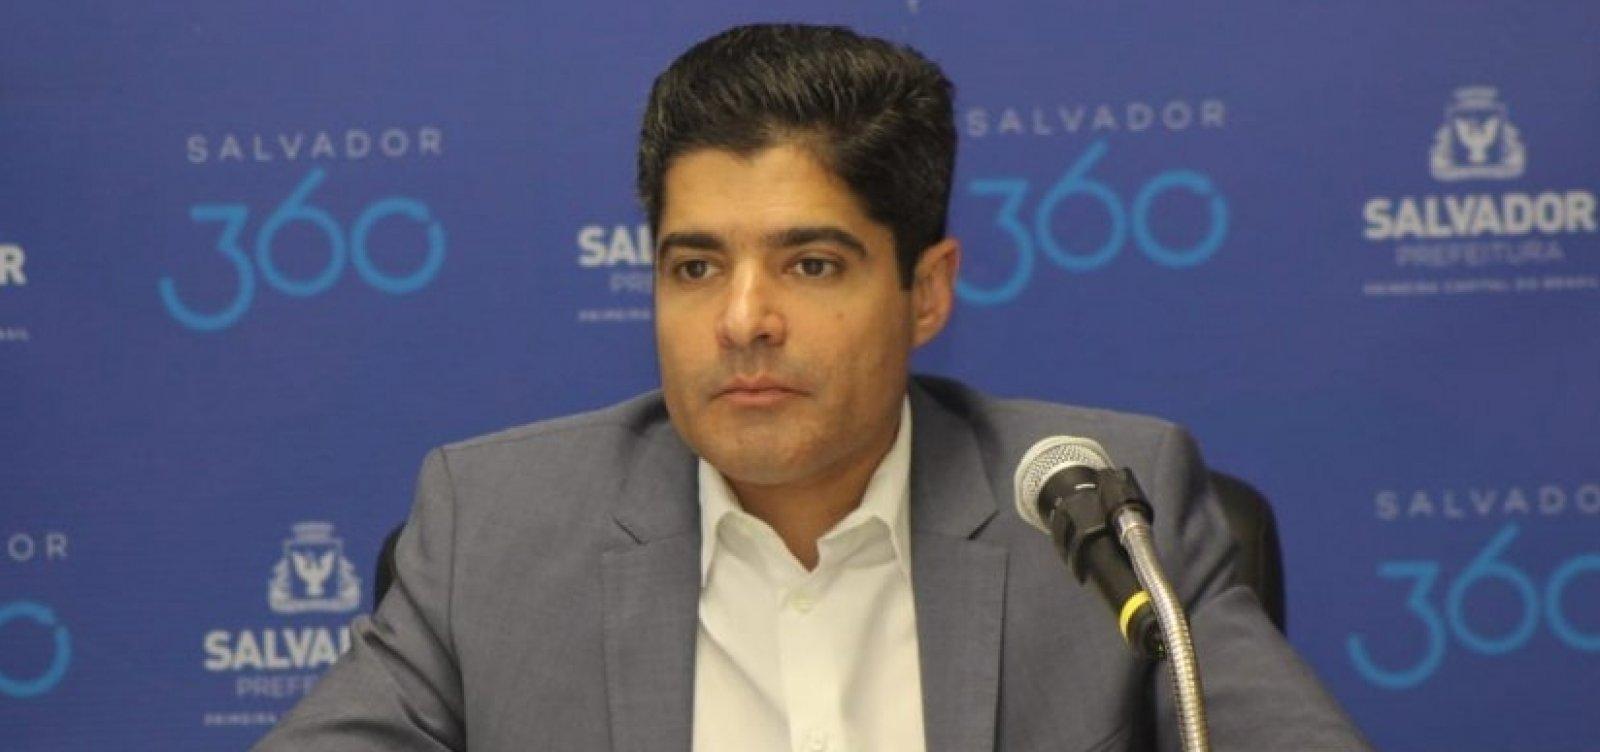 [Neto defende que é 'essencial conhecer detalhes' de conversas entre Moro e MP]